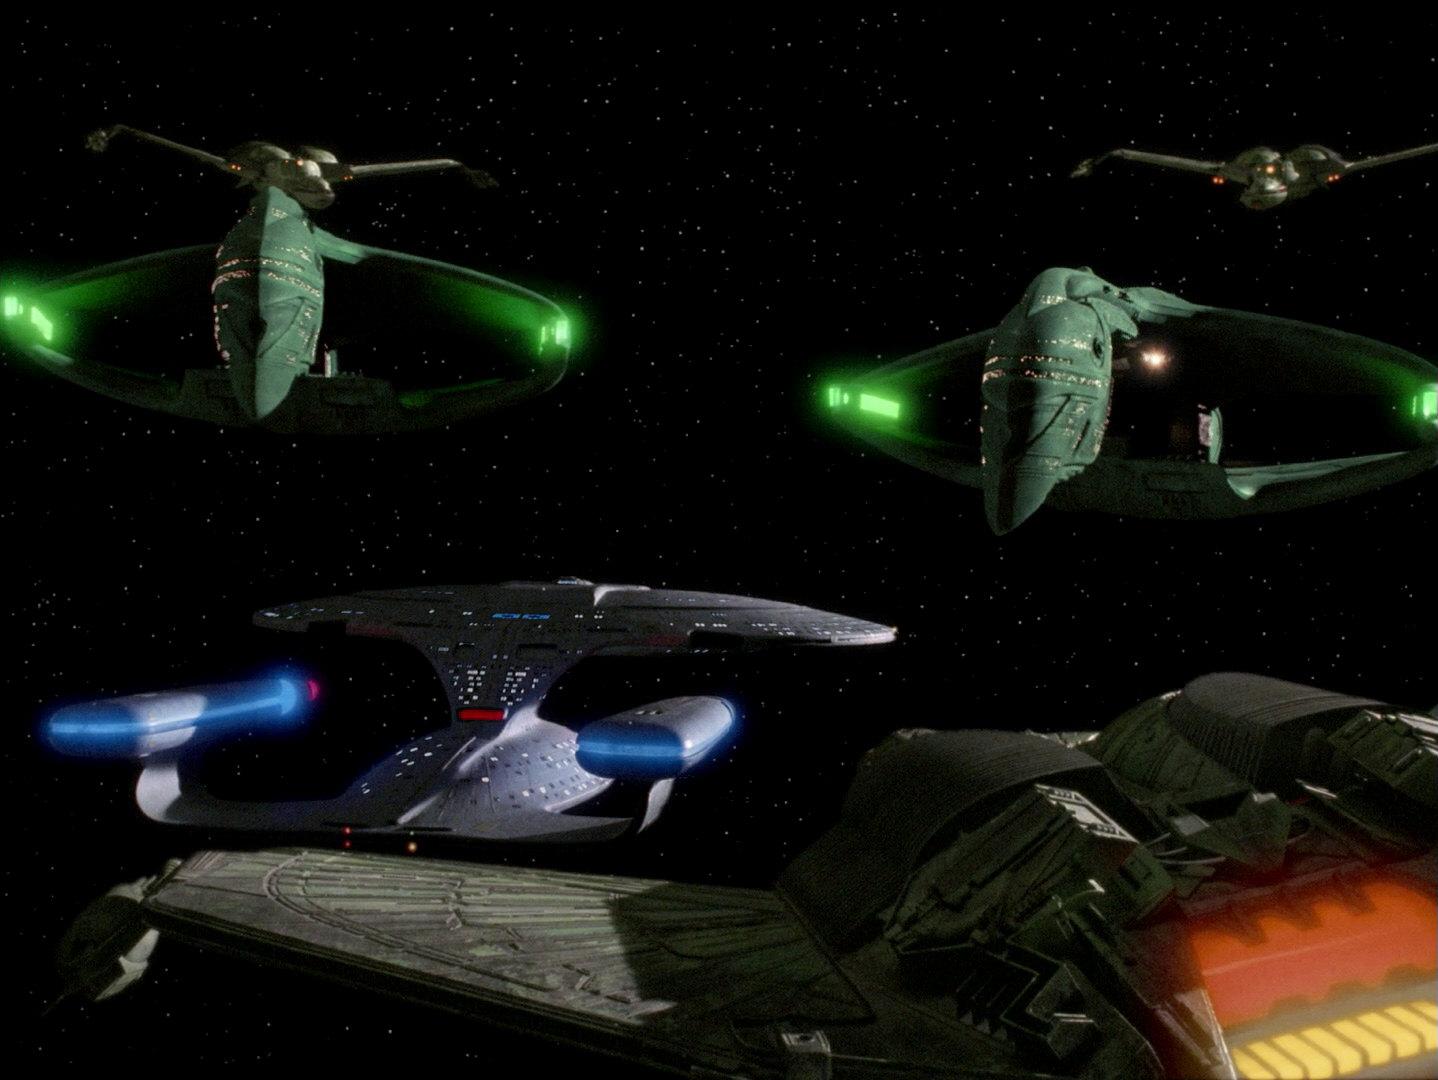 Tri najjače sile Alfa i Beta kvadranta na jednom mjestu (Credit: Paramount/CBS)